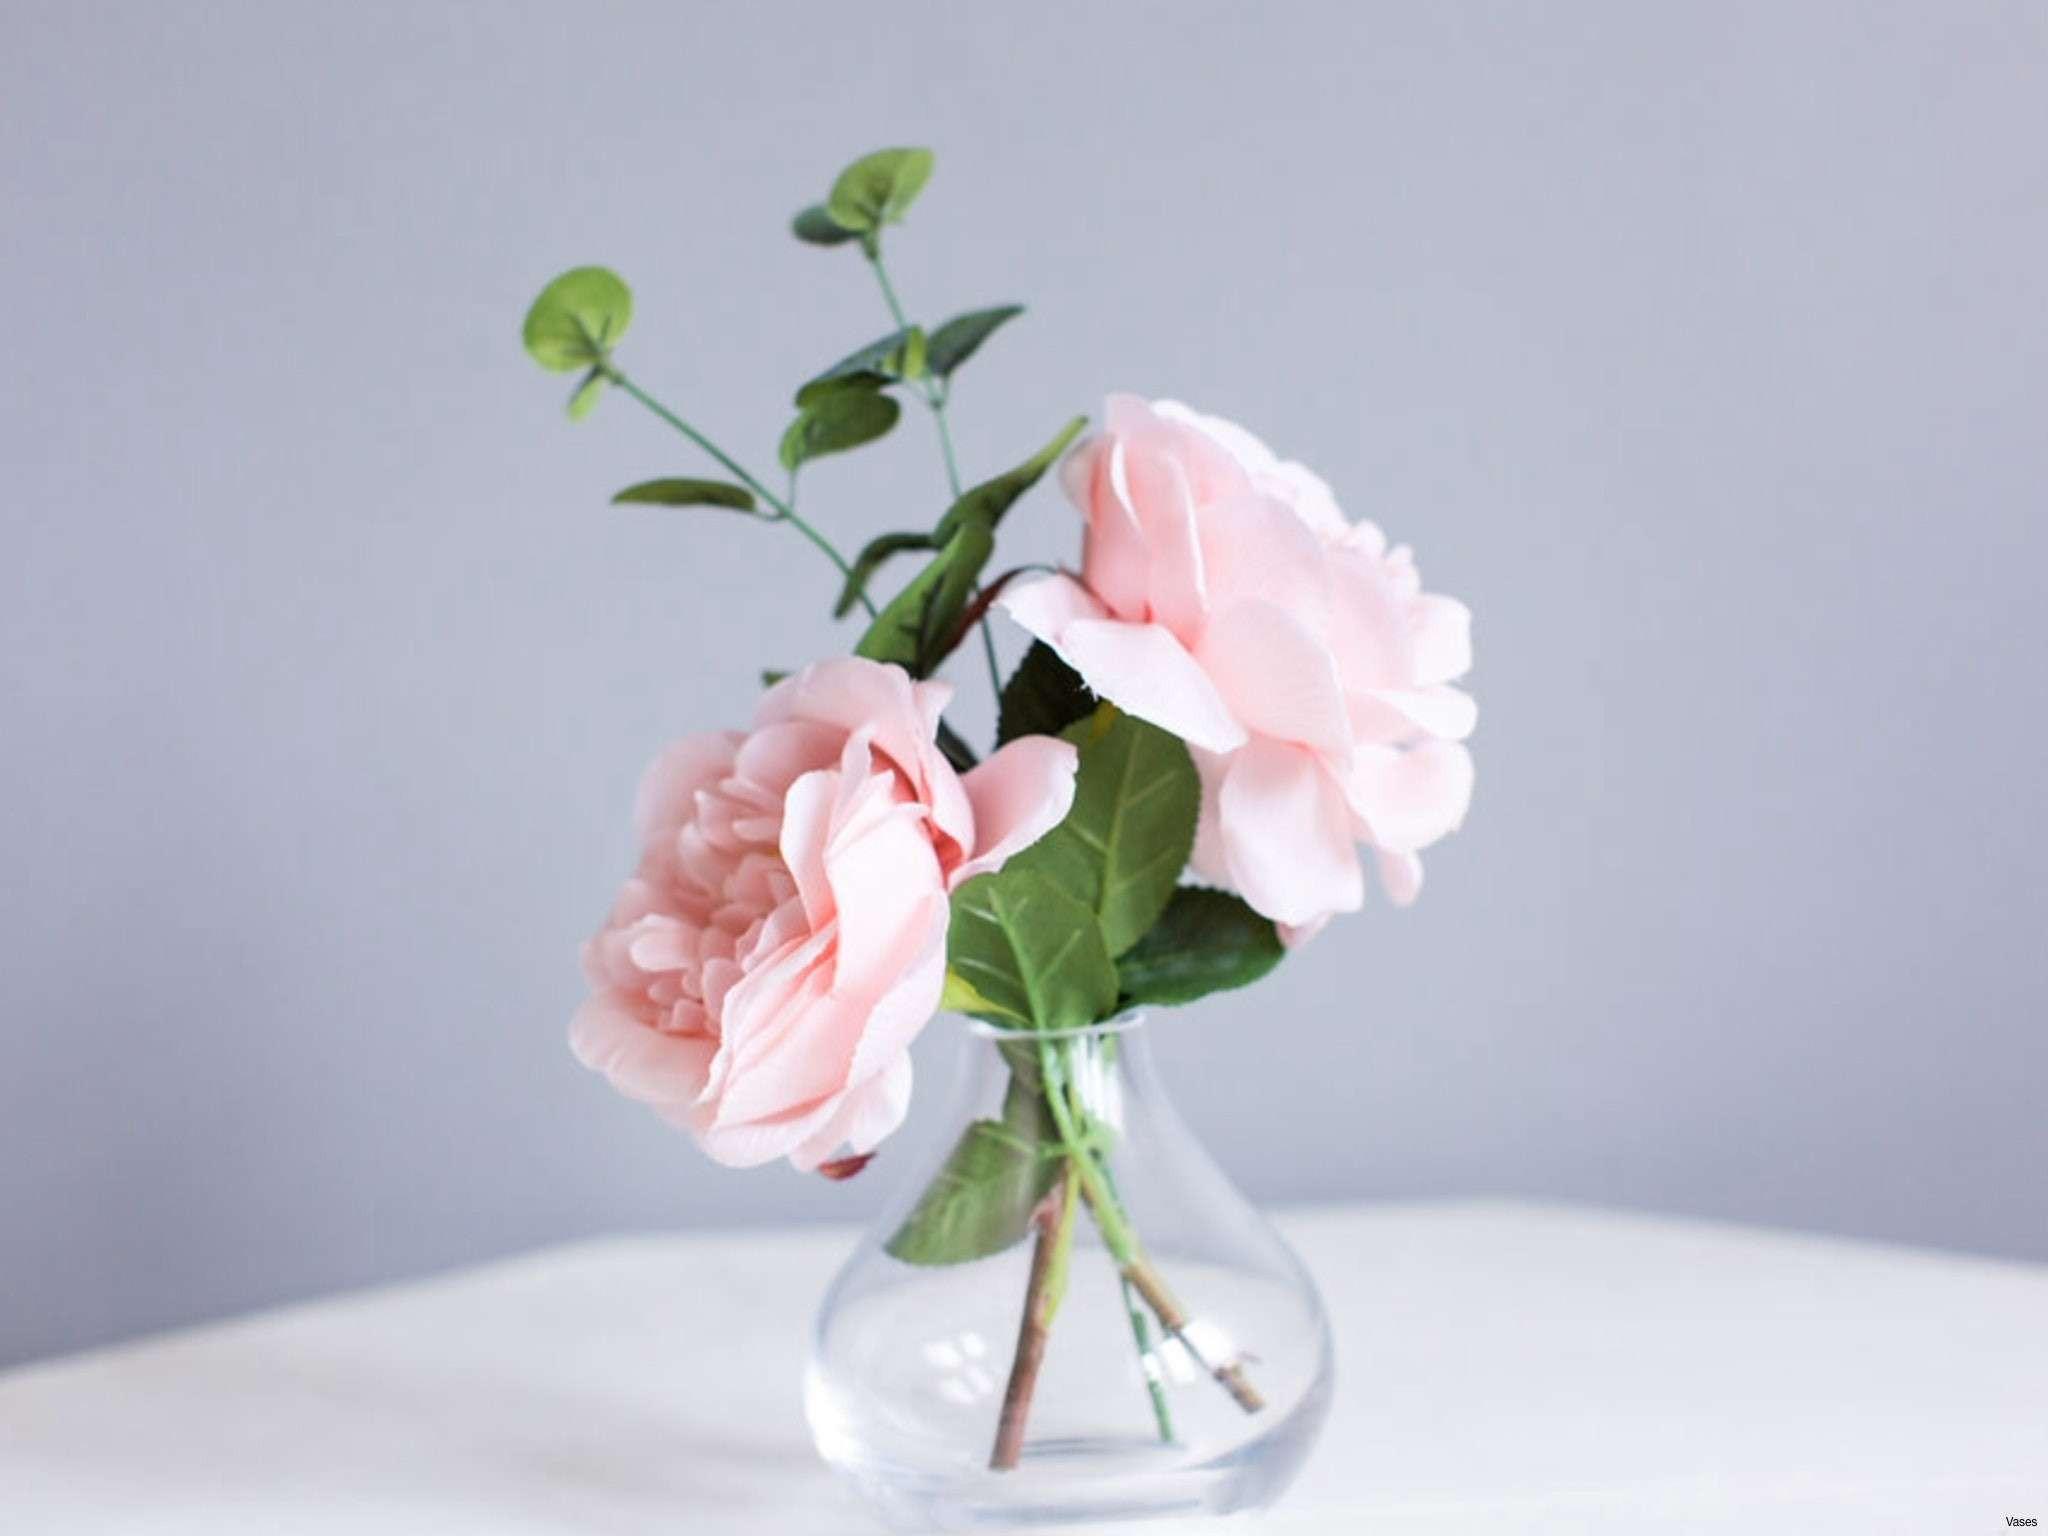 H Vases Bud Vase Flower Arrangements I 0d for Inspiration Design Inspiration Flower Arrangement